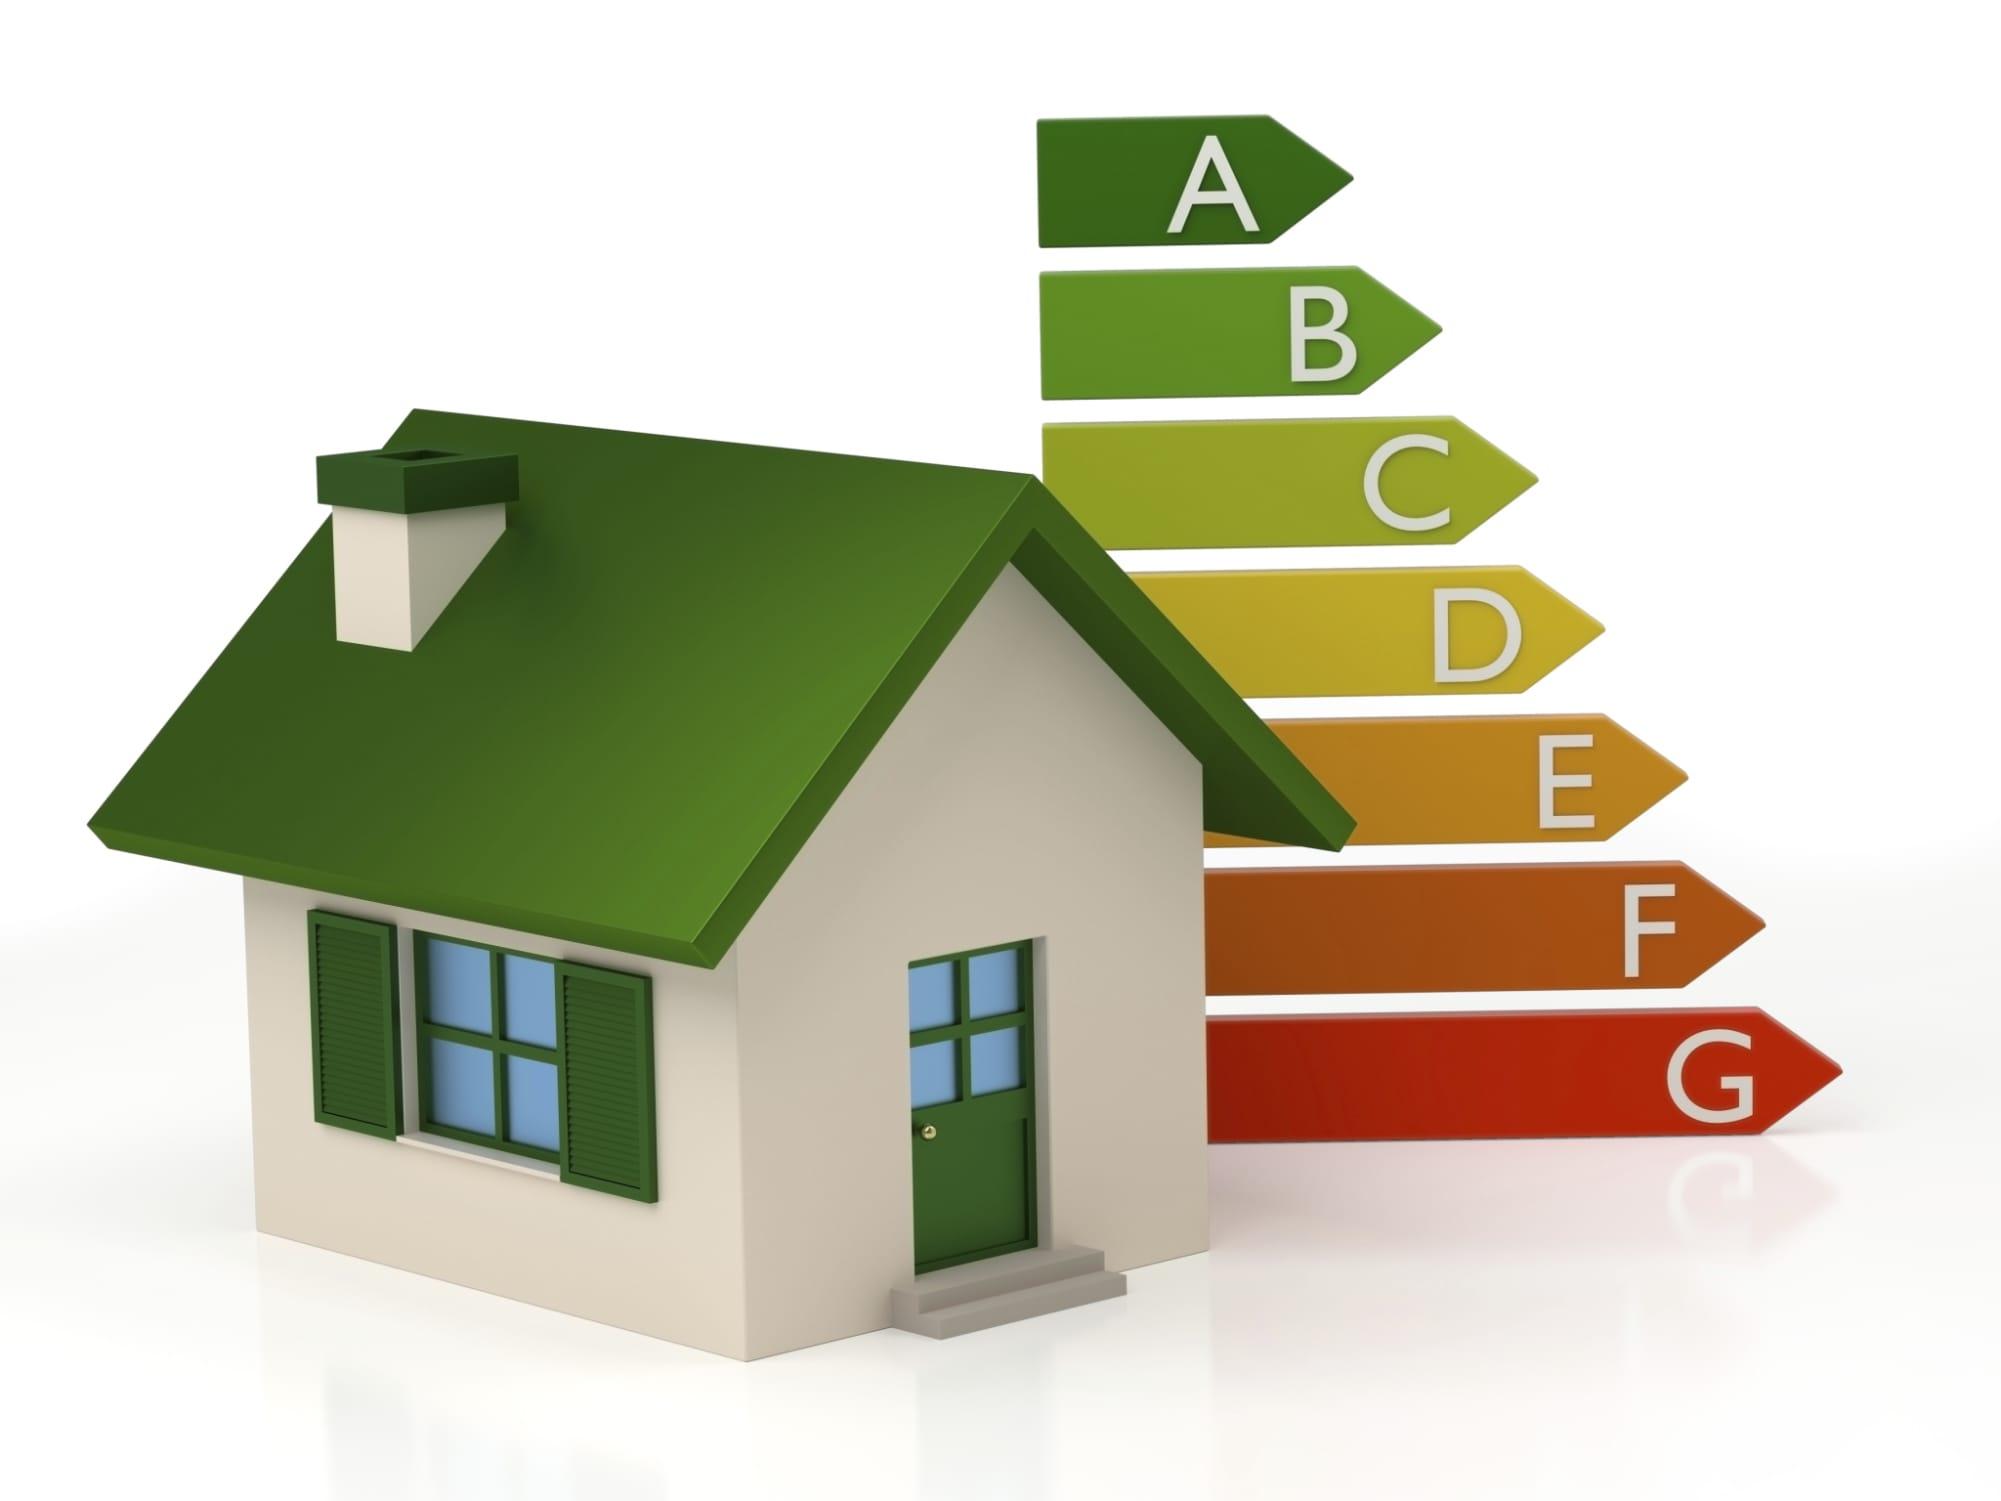 Detrazione fiscale per riqualificazione energetica degli edifici non sprecare - Guida fiscale ristrutturazione ...